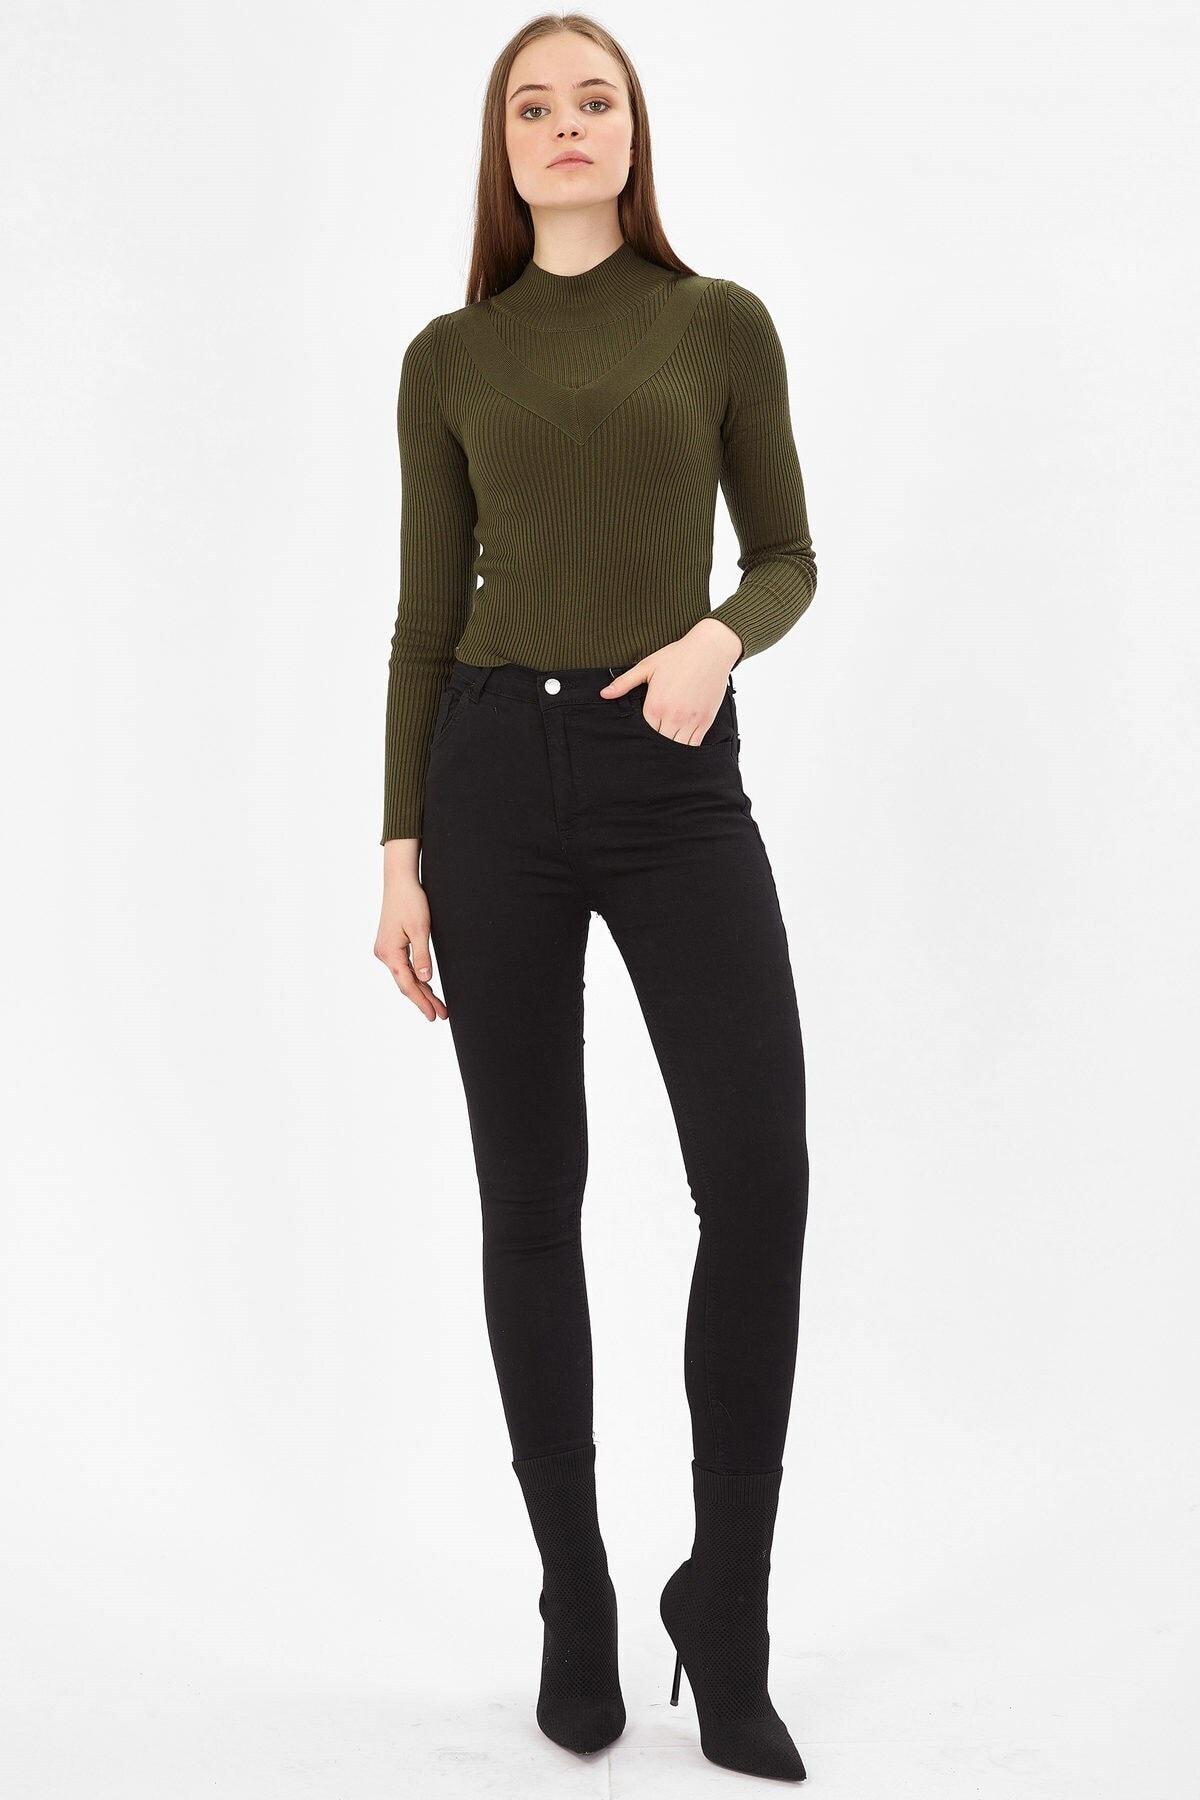 Arma Life Kadın Siyah Yüksek Bel Likralı Kot Pantolon 1